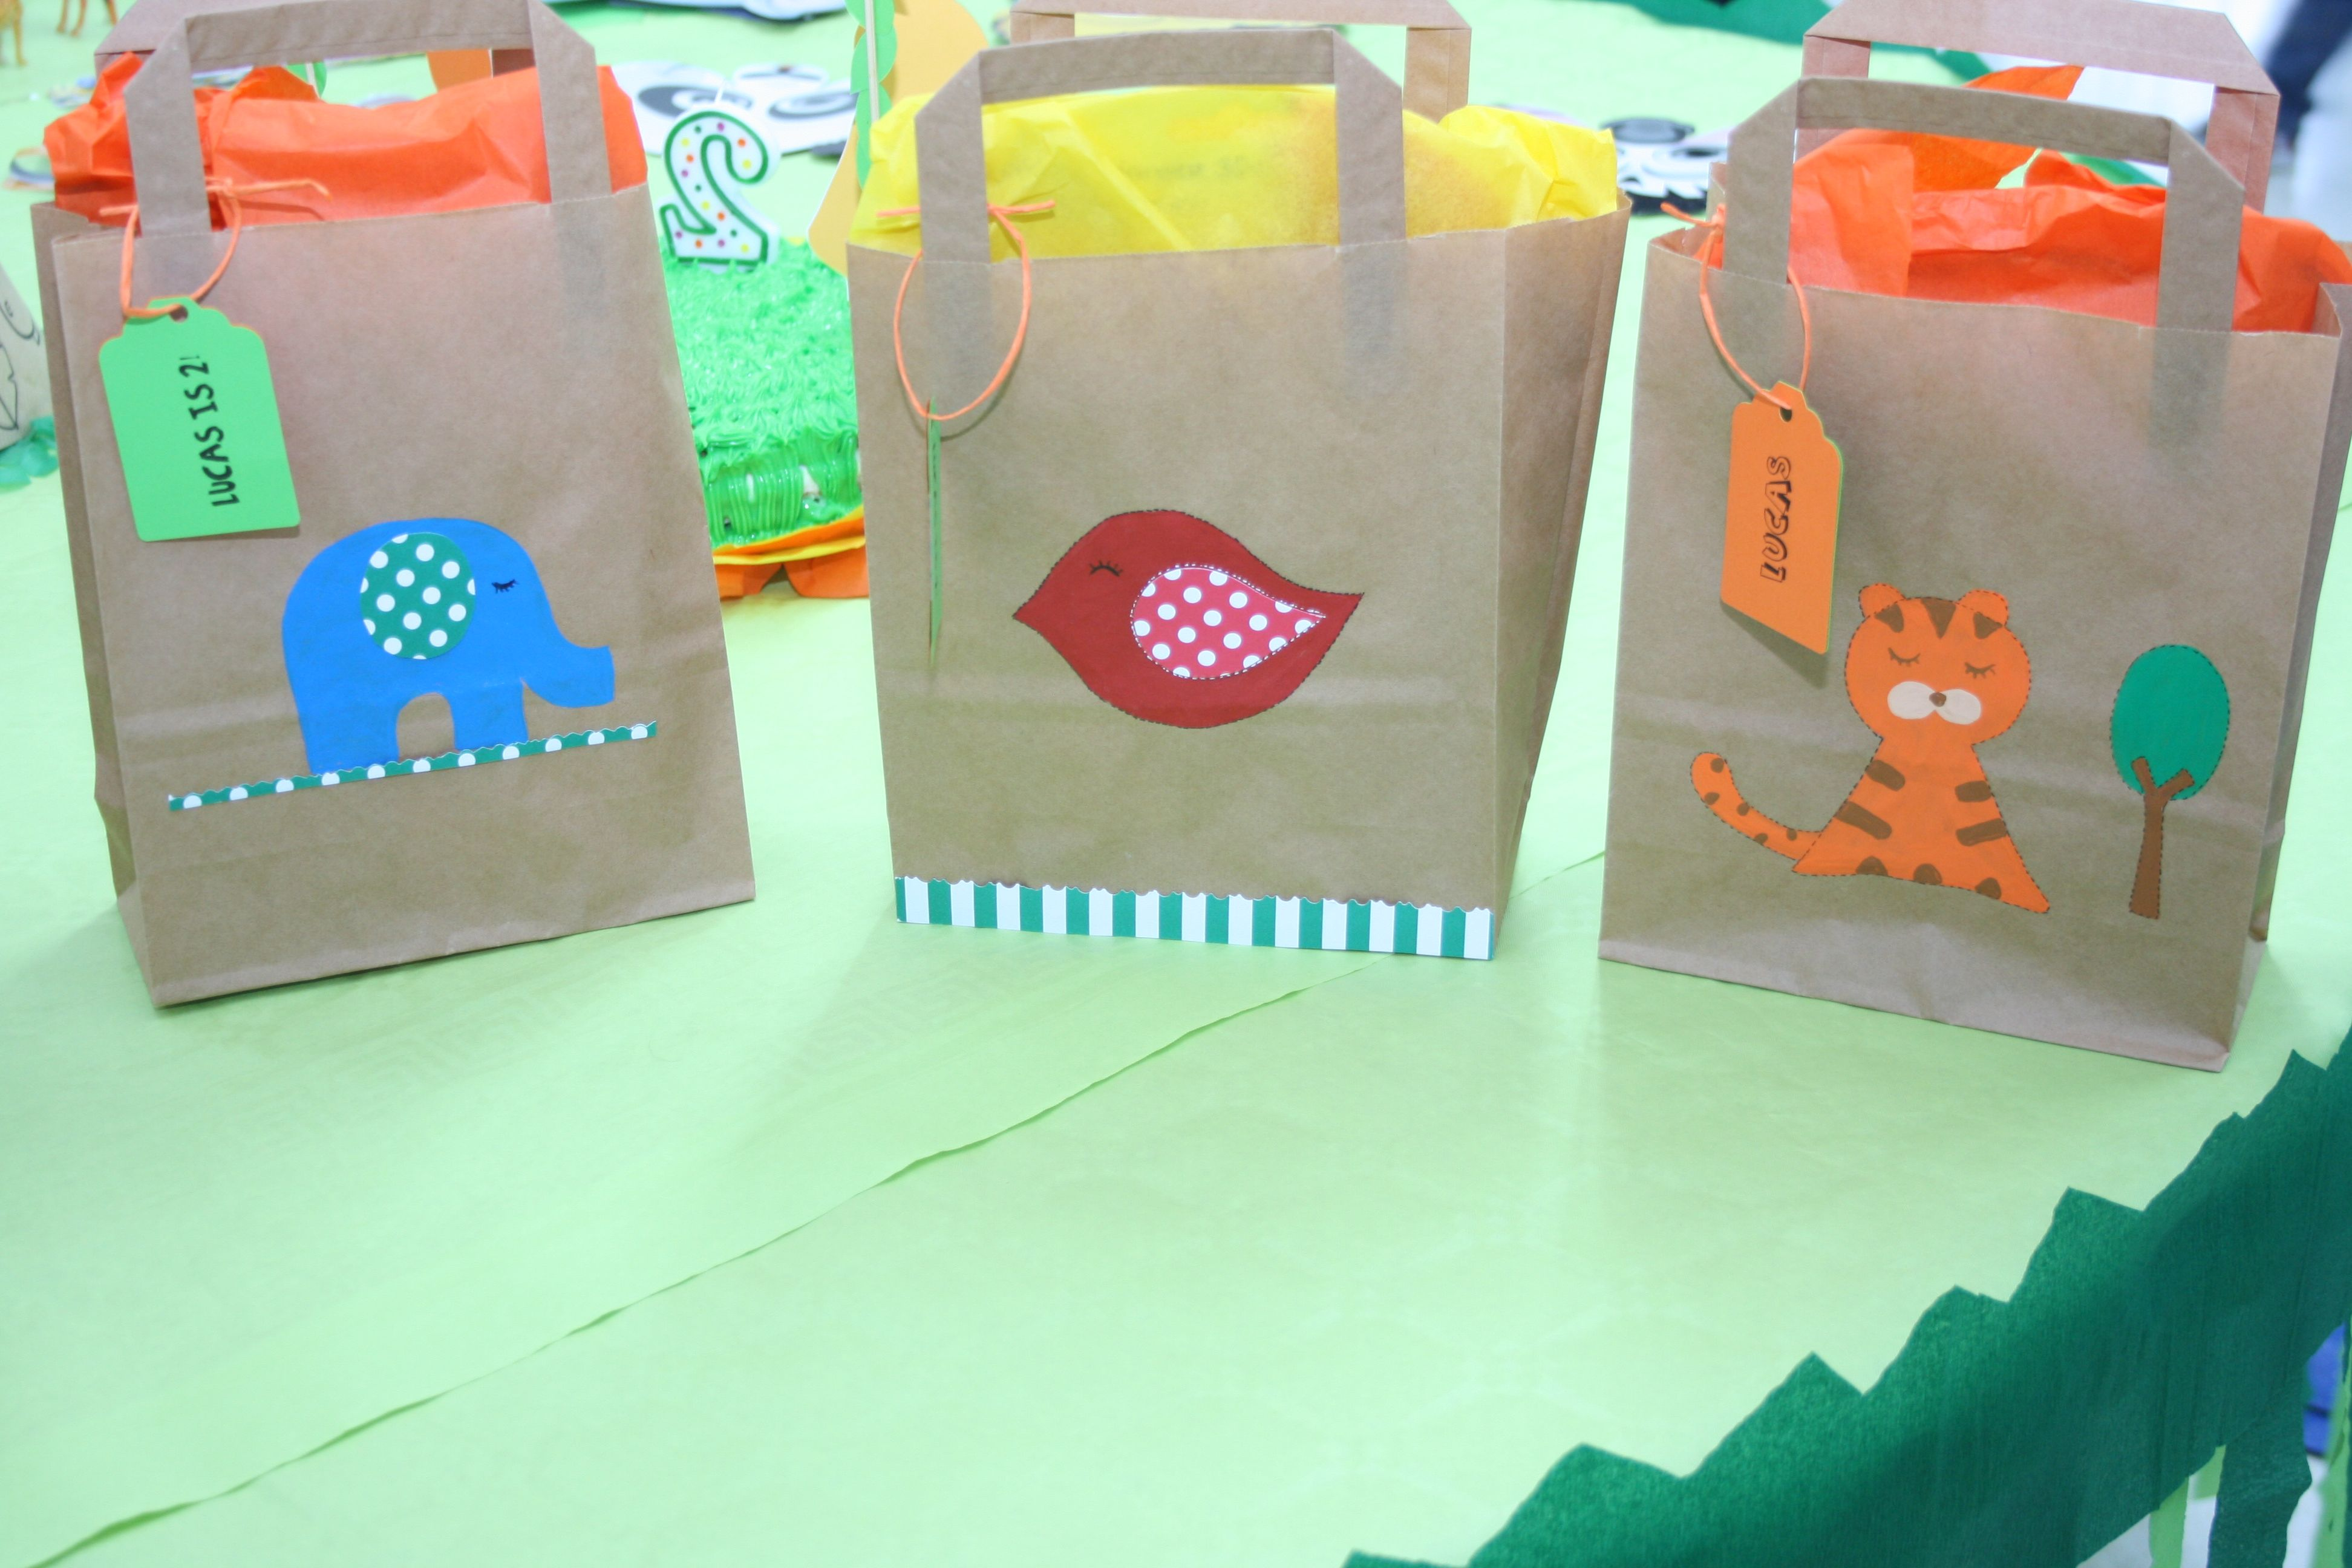 Bolsas de regalo para los invitados del cumplea os con el - Regalos invitados cumpleanos infantiles ...